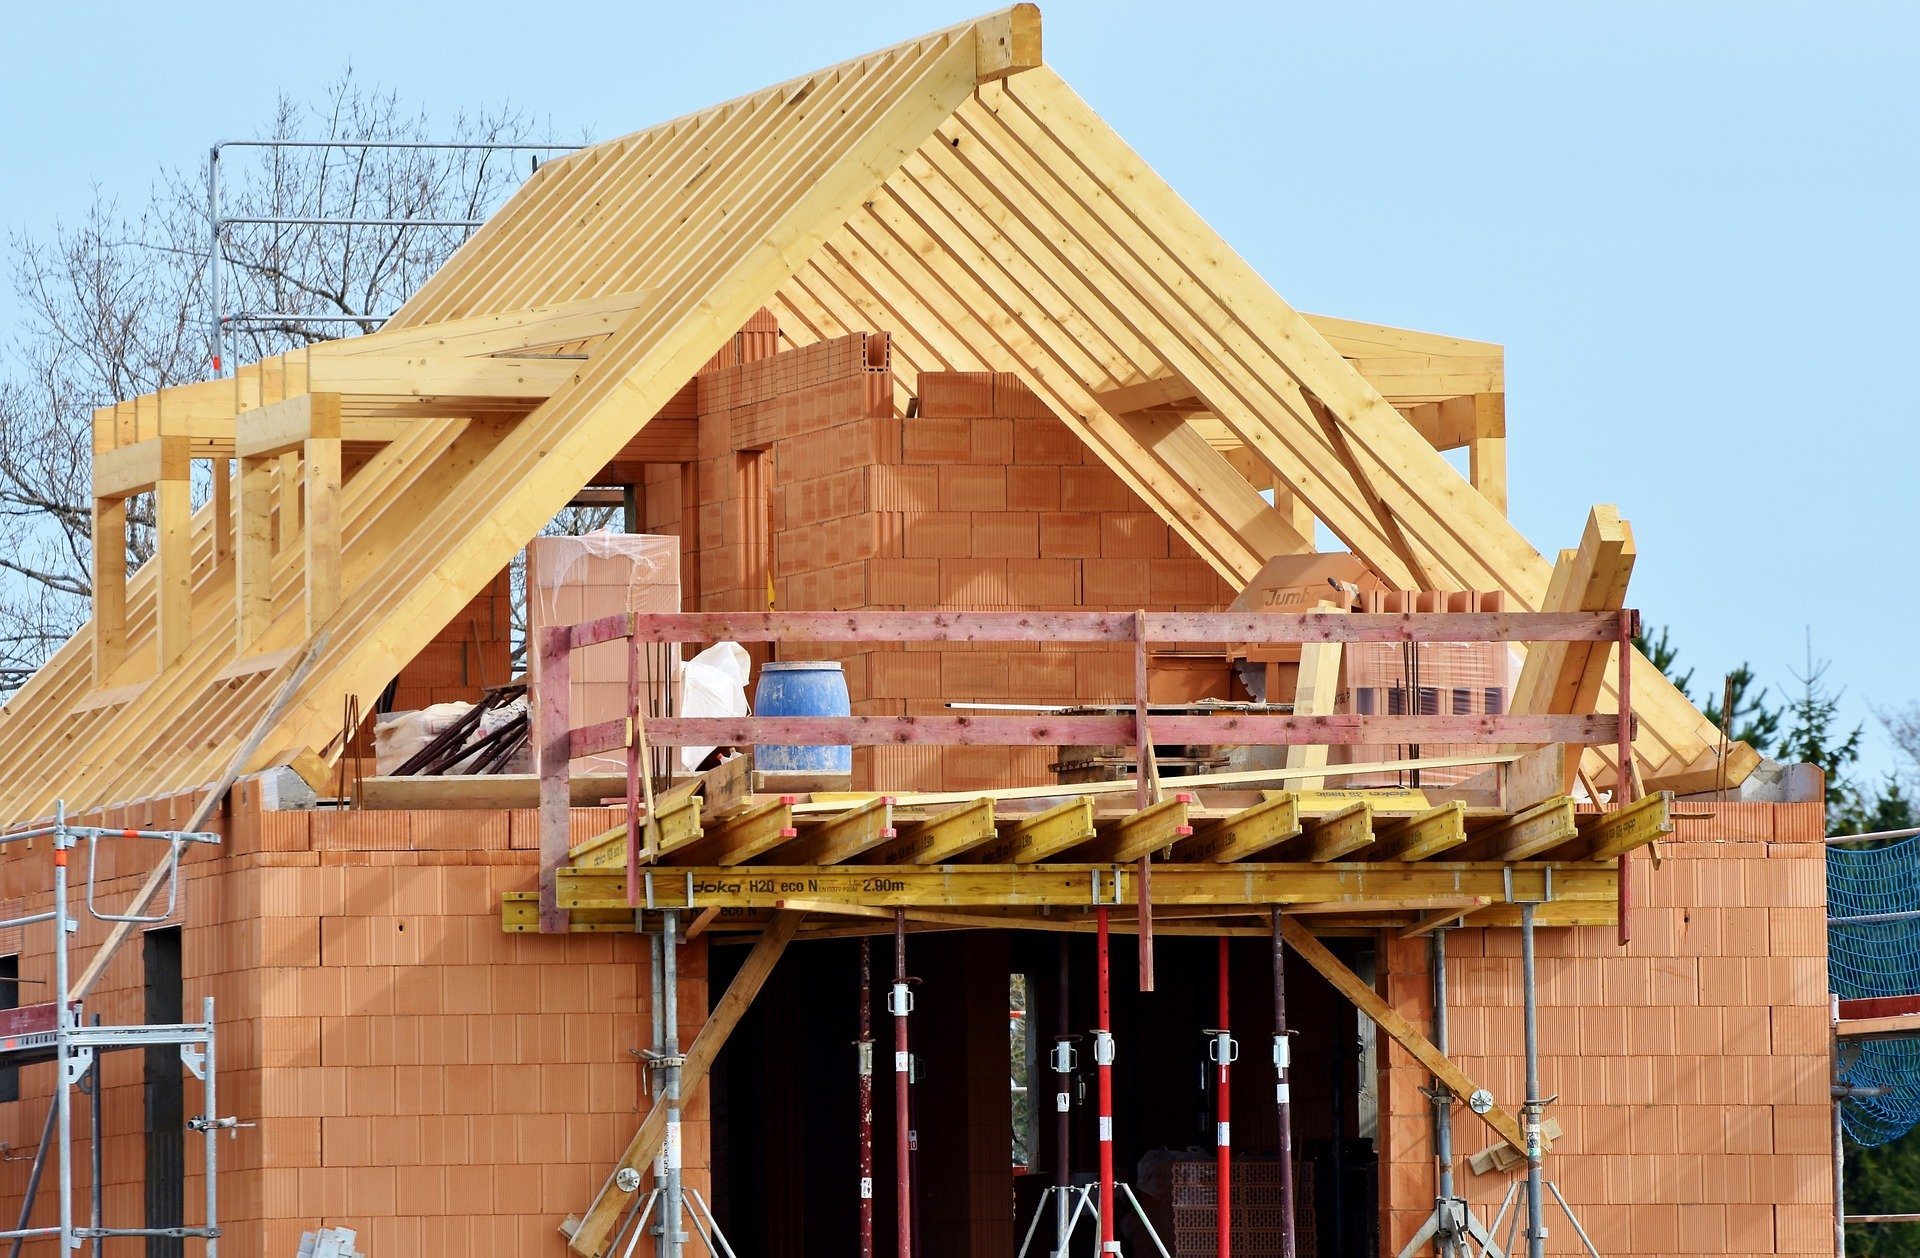 Wniosek o pozwolenie na budowę będzie można złożyć przez internet